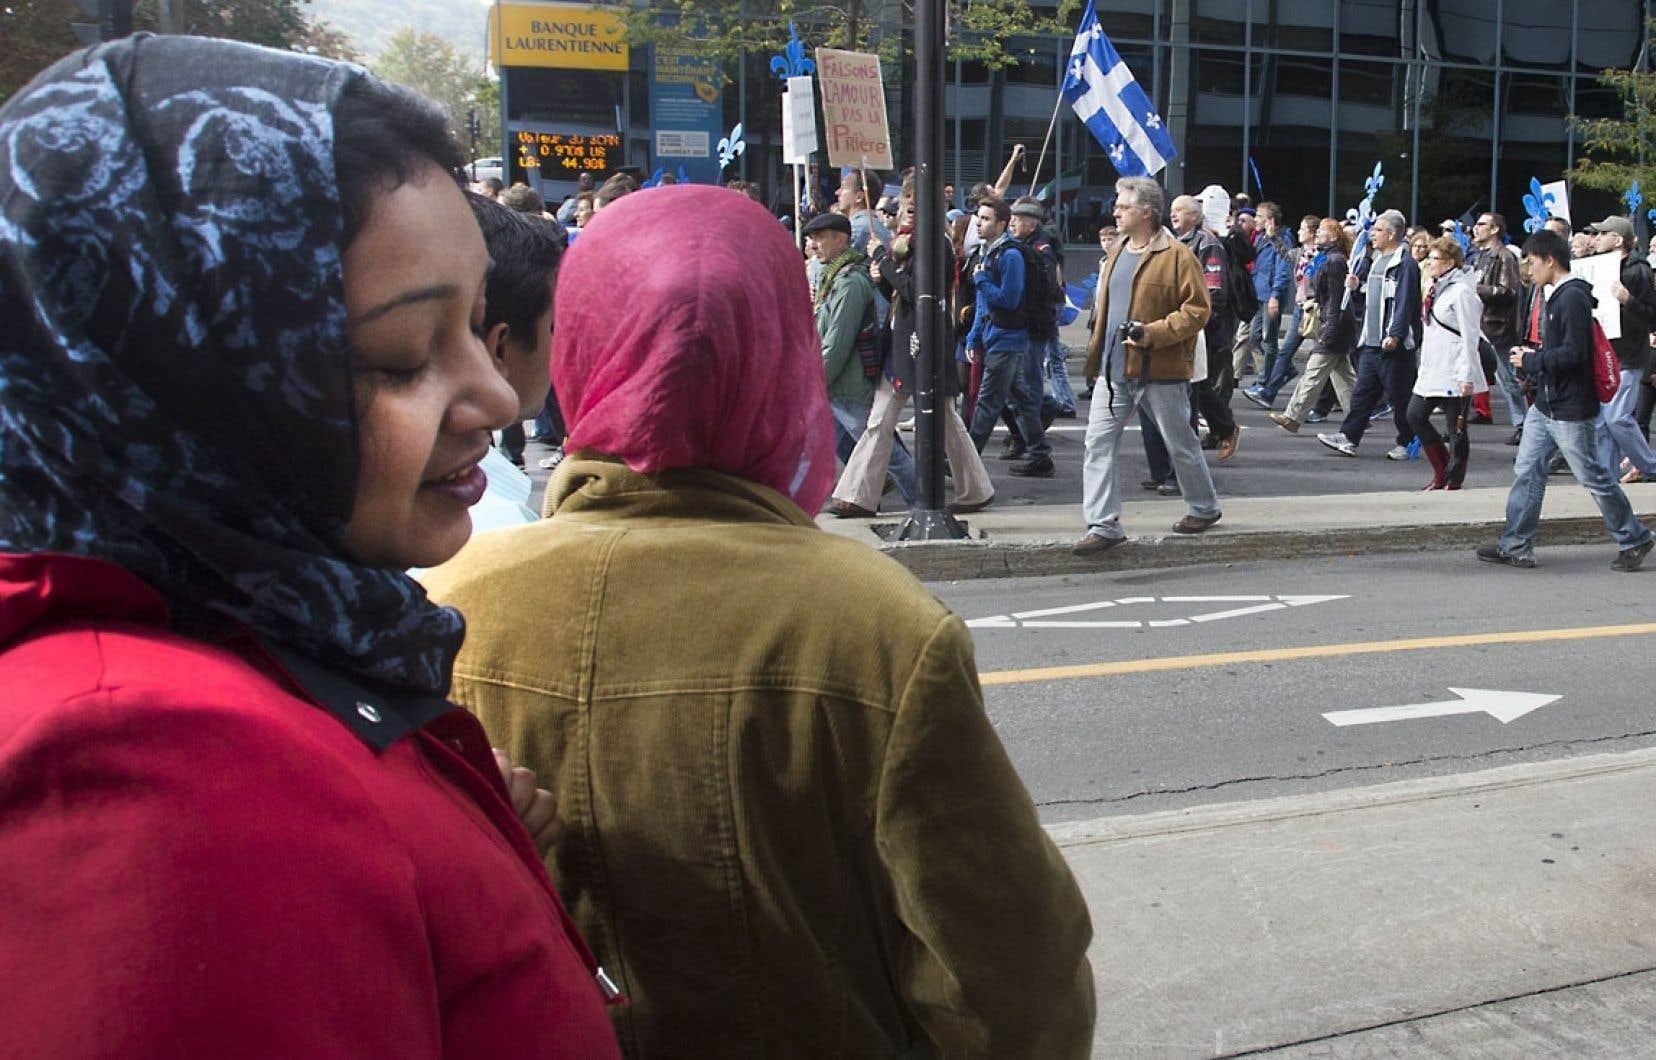 Bien que la manifestation ait rassemblé majoritairement des Québécois d'origine, plusieurs immigrants étaient aussi présents pour donner leur appui à la Charte des valeurs québécoises.